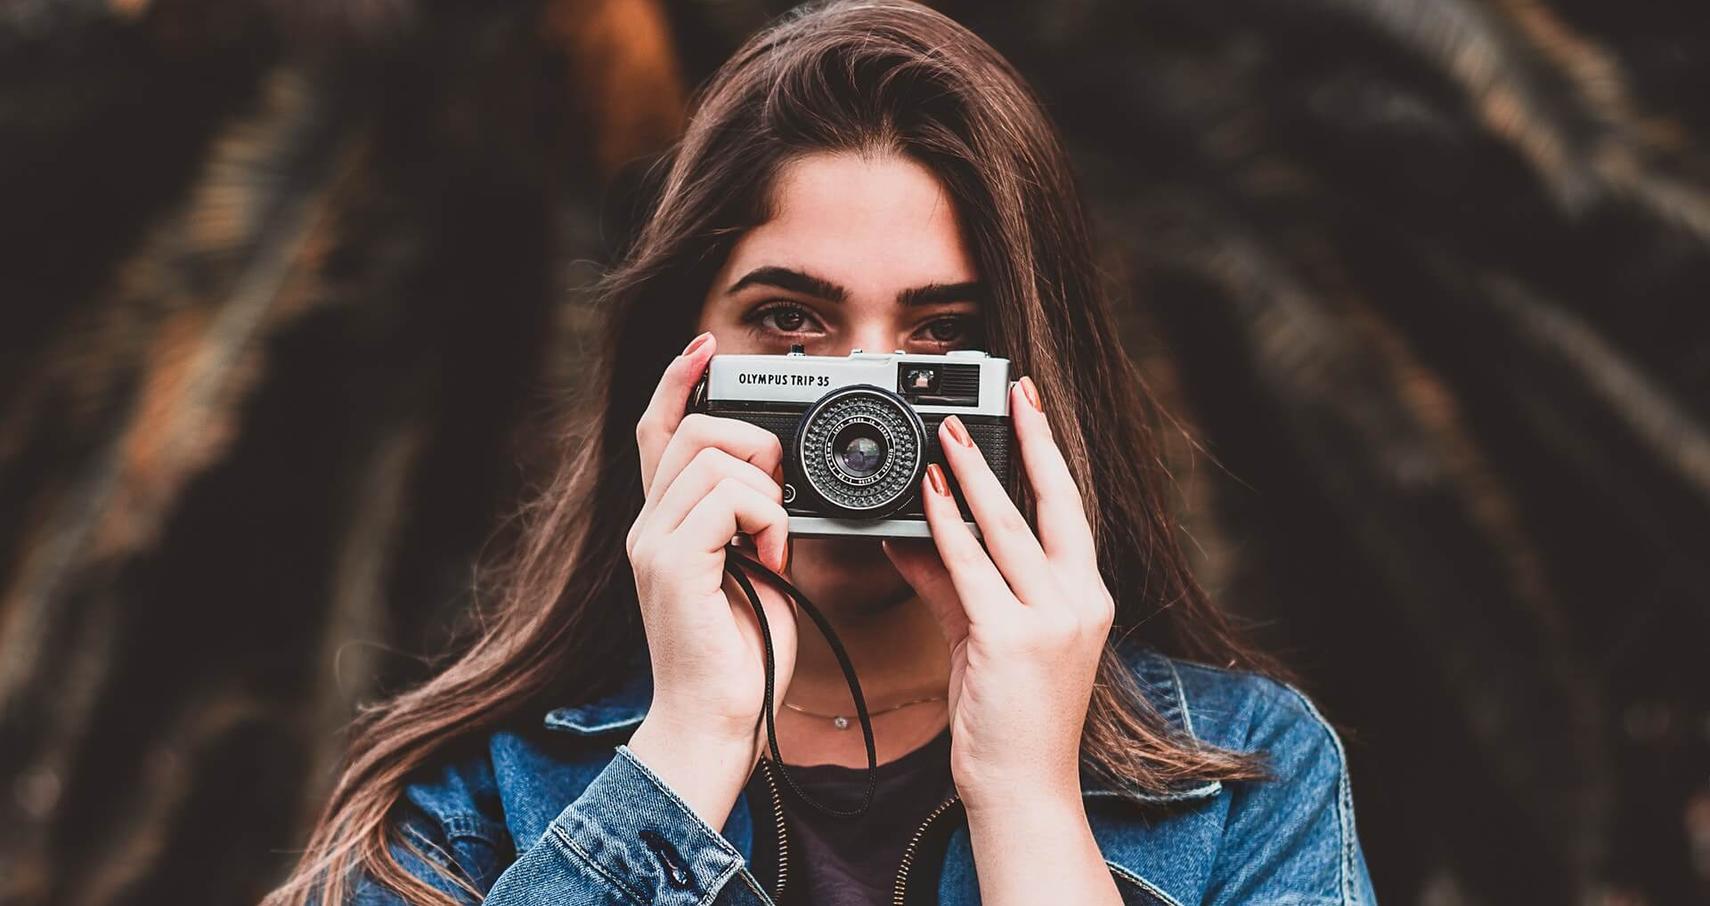 Meilleur Site Pour Photographe les 12 meilleurs éditeurs photos disponibles en 2020 pour